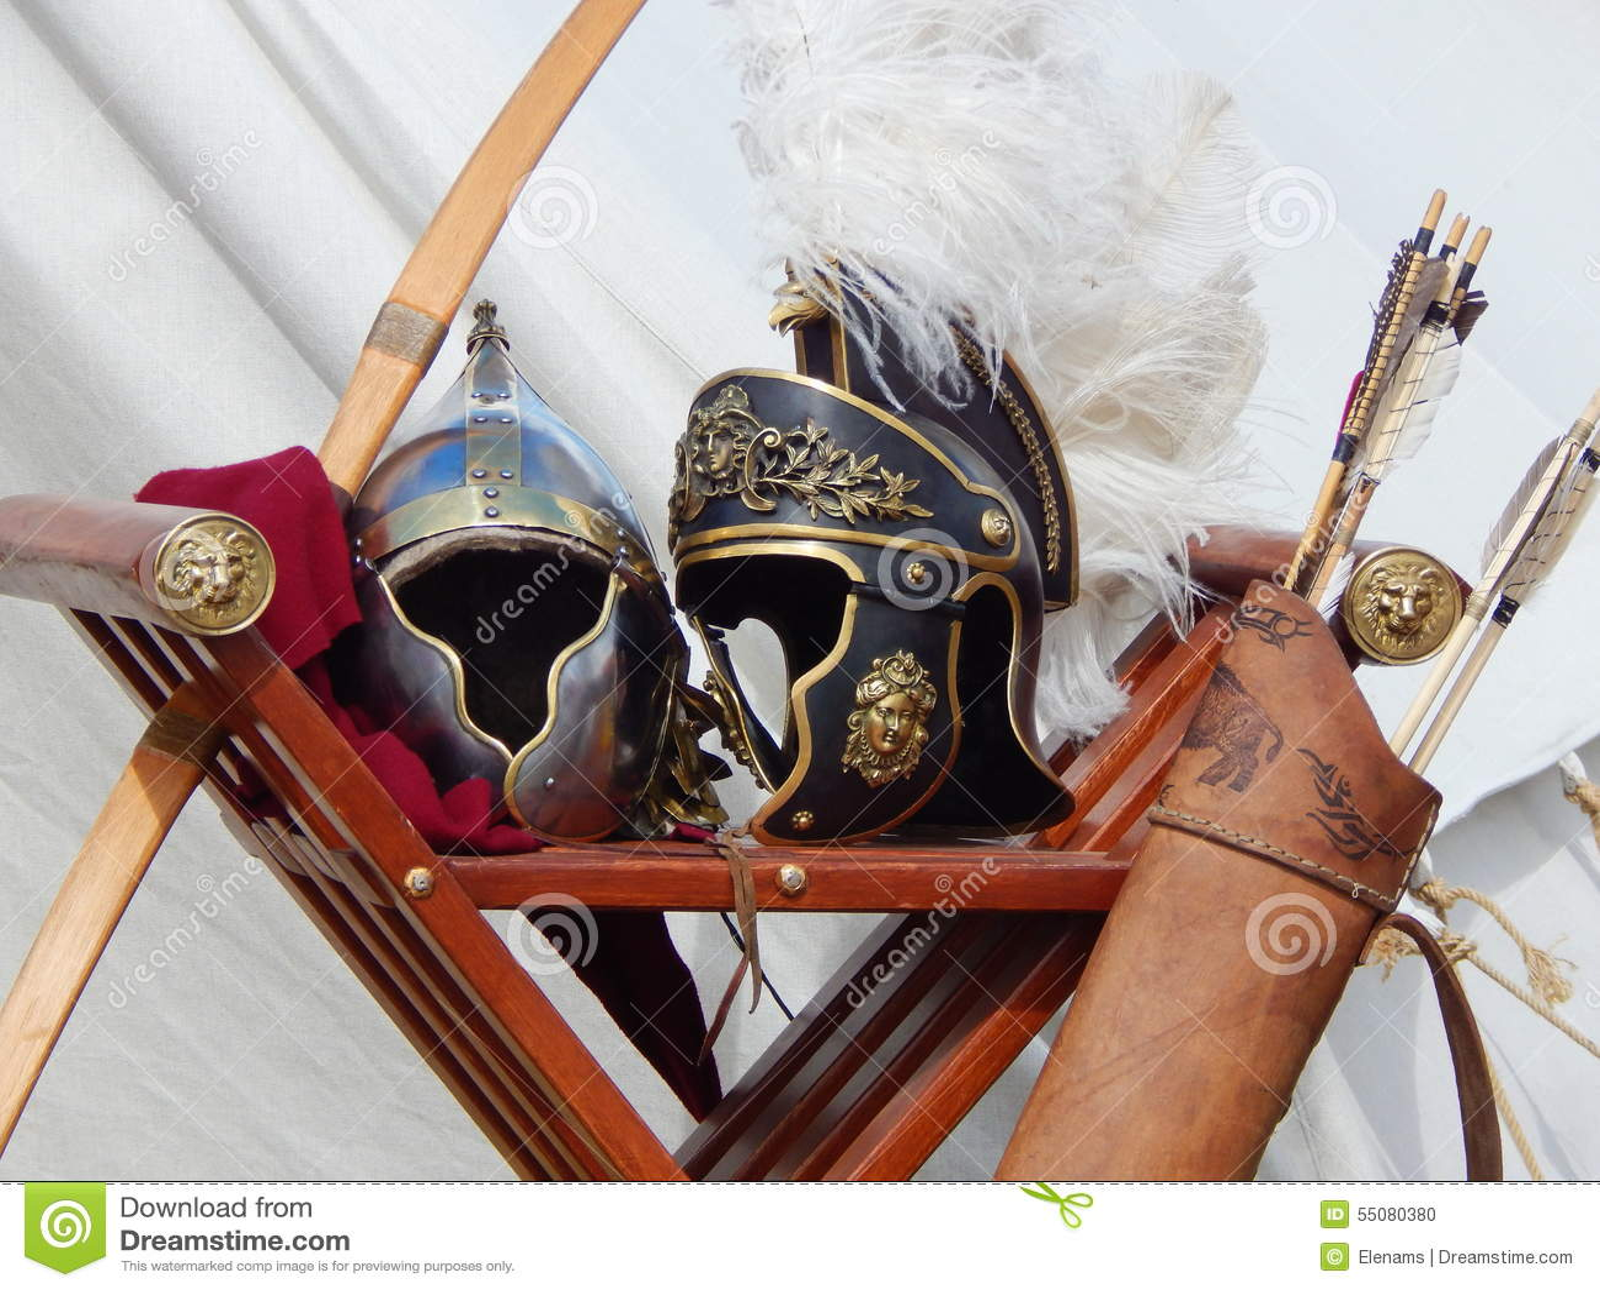 Römische Sturzhelme, Pfeil und Bogen zu den internationalen Festival Zeiten und Epochen Altes Rom